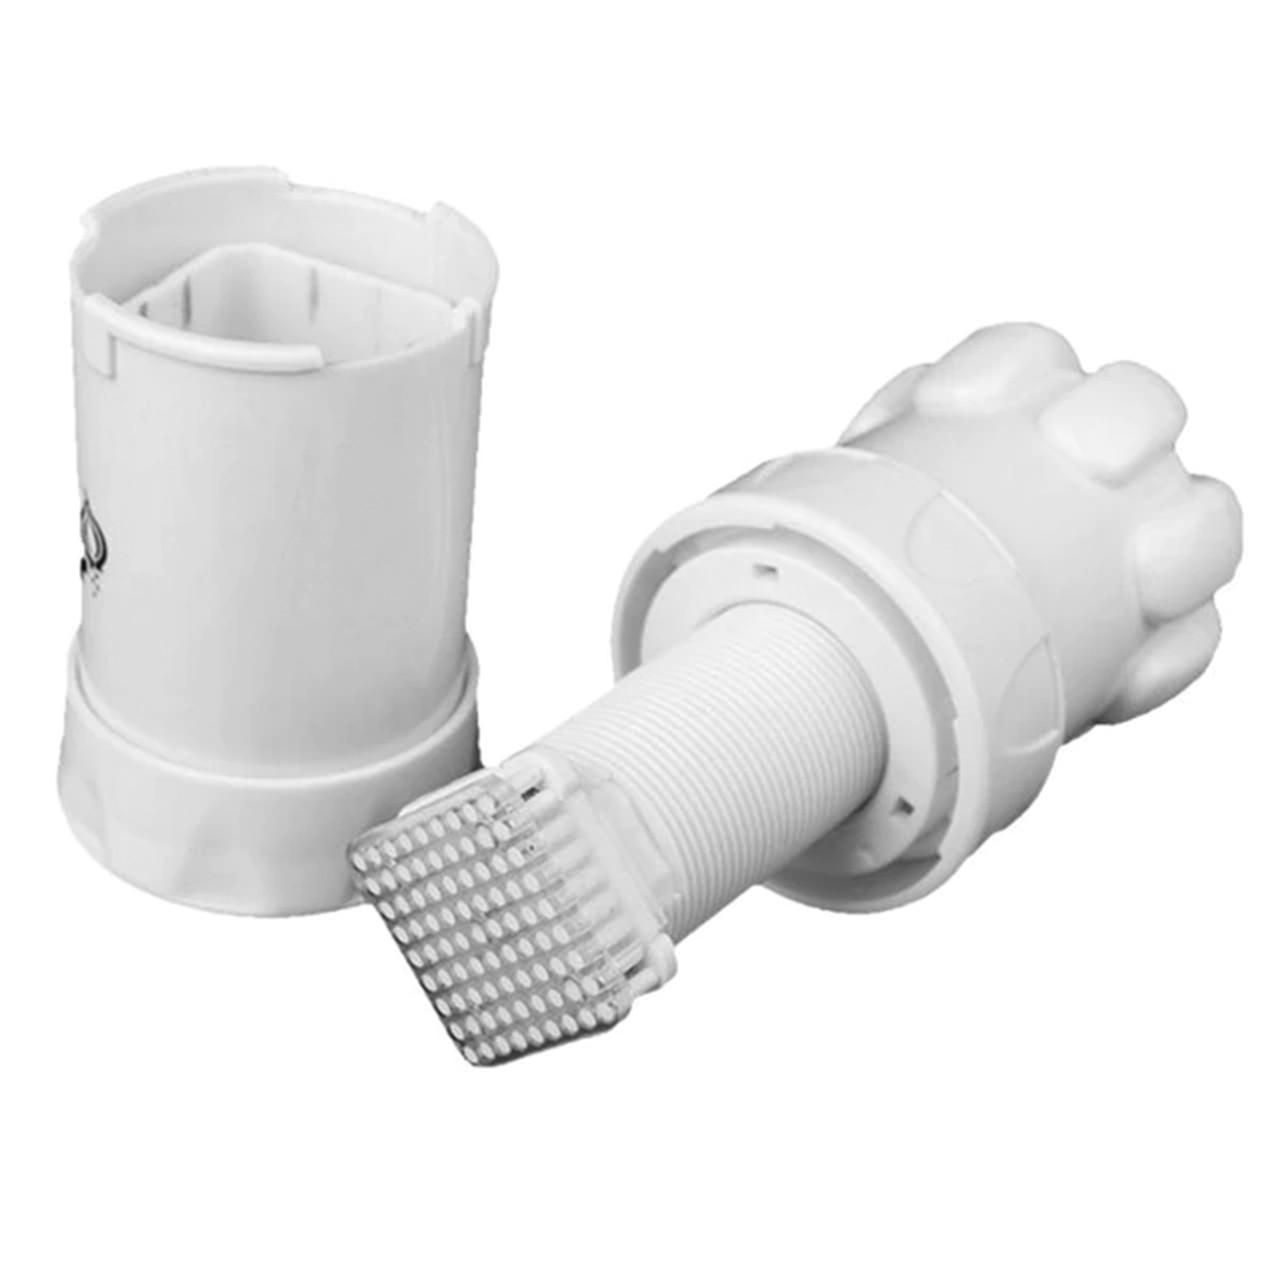 ϞПресс Garlic master чесночница для измельчения в салаты гарниры кухонный прибор дробилка